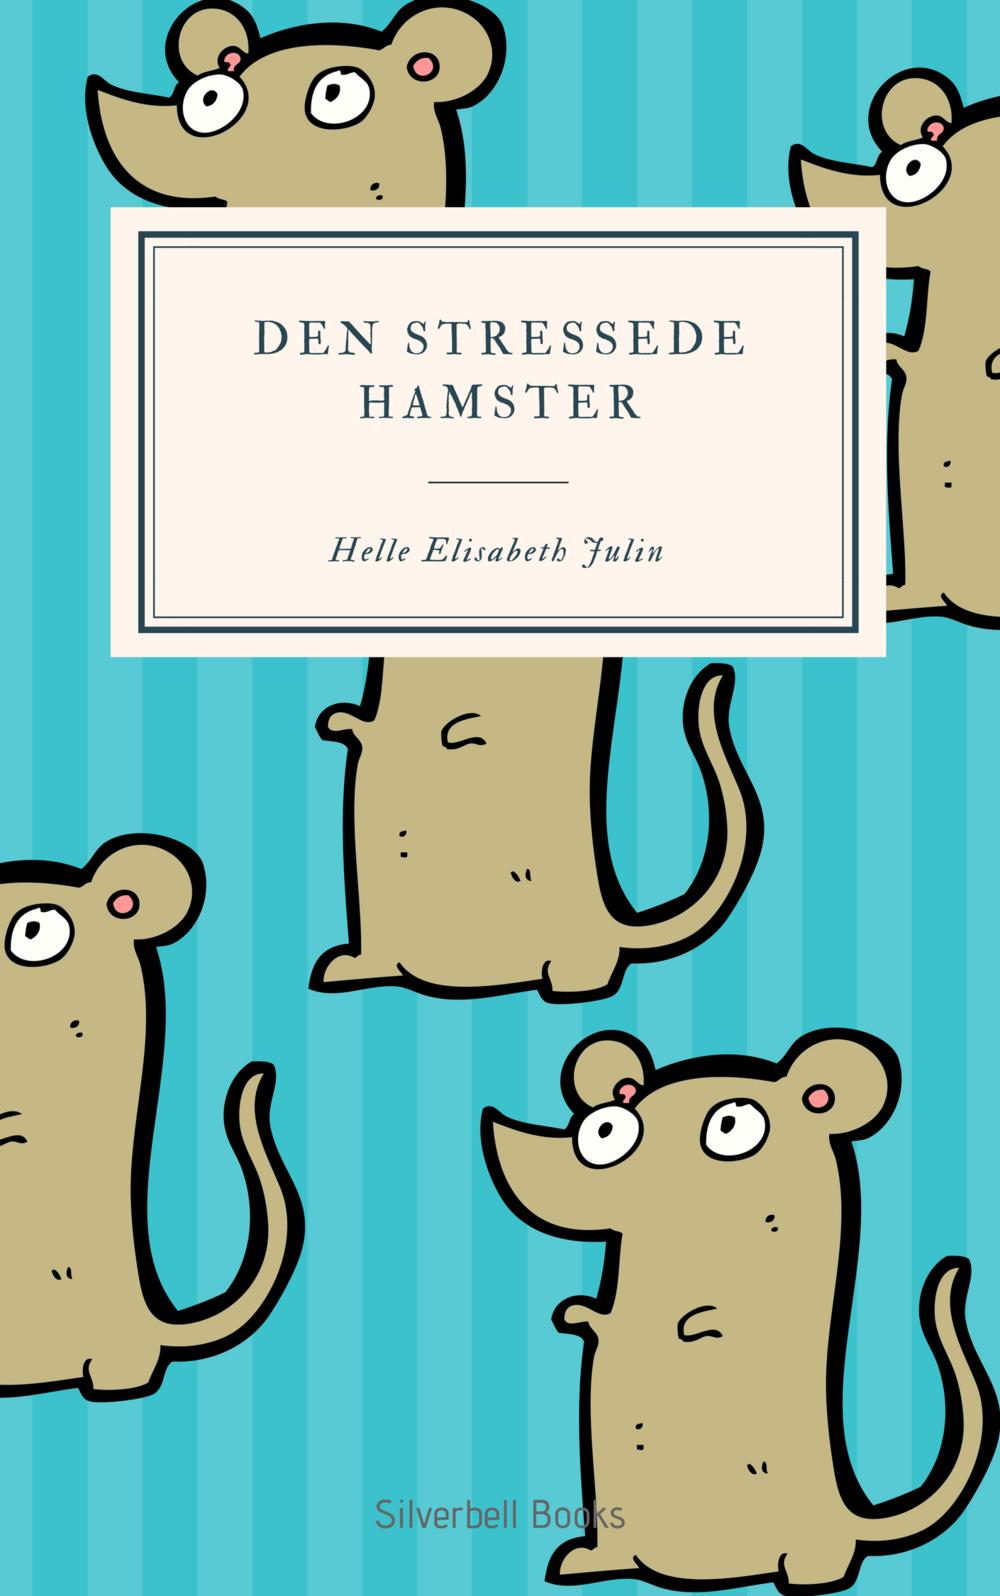 Den stressede hamster Kindle.png